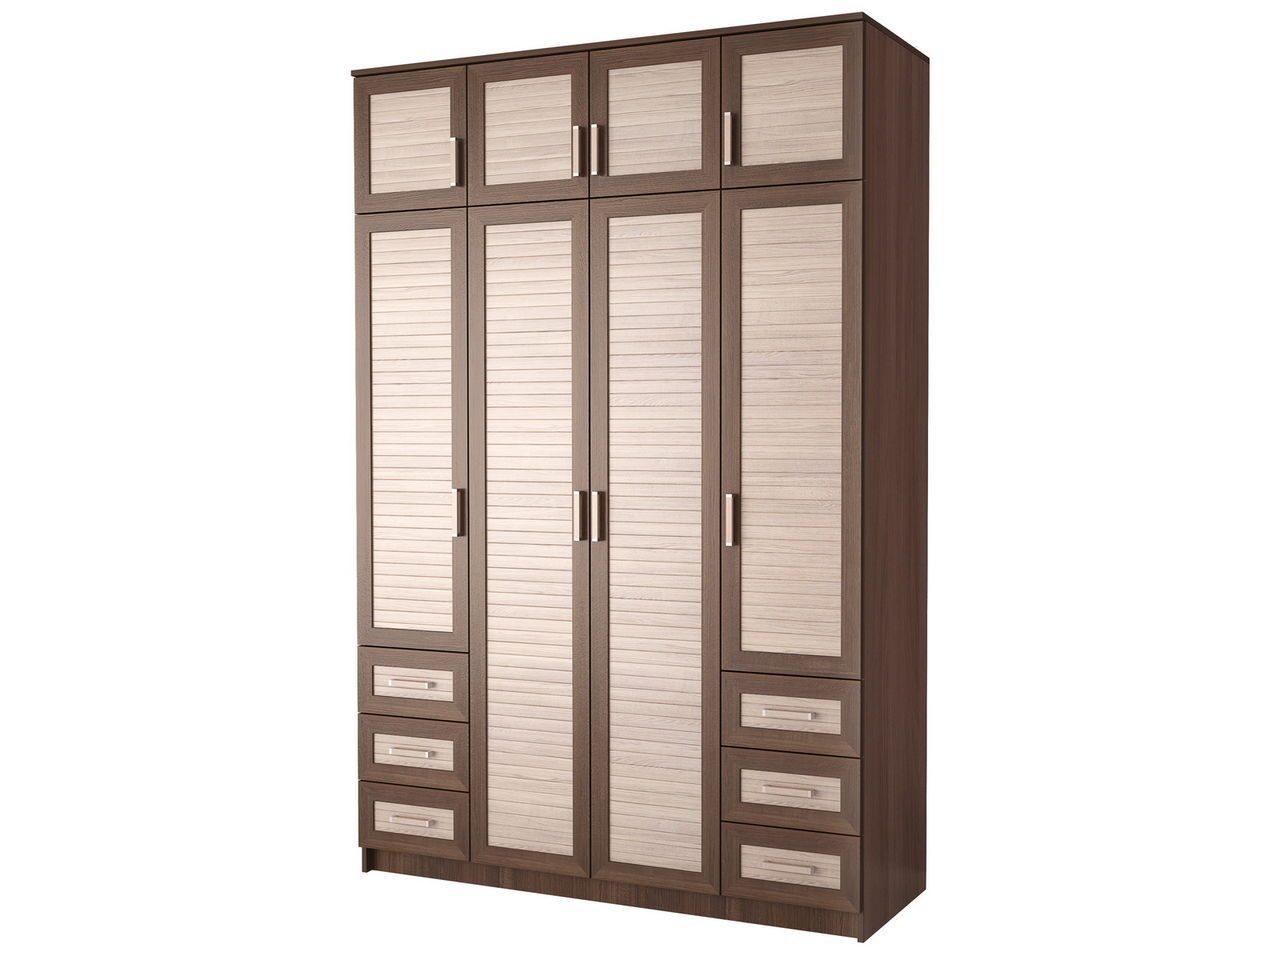 Шкаф распашной Чикона-10. выгодно! интернет-магазин мебель и.